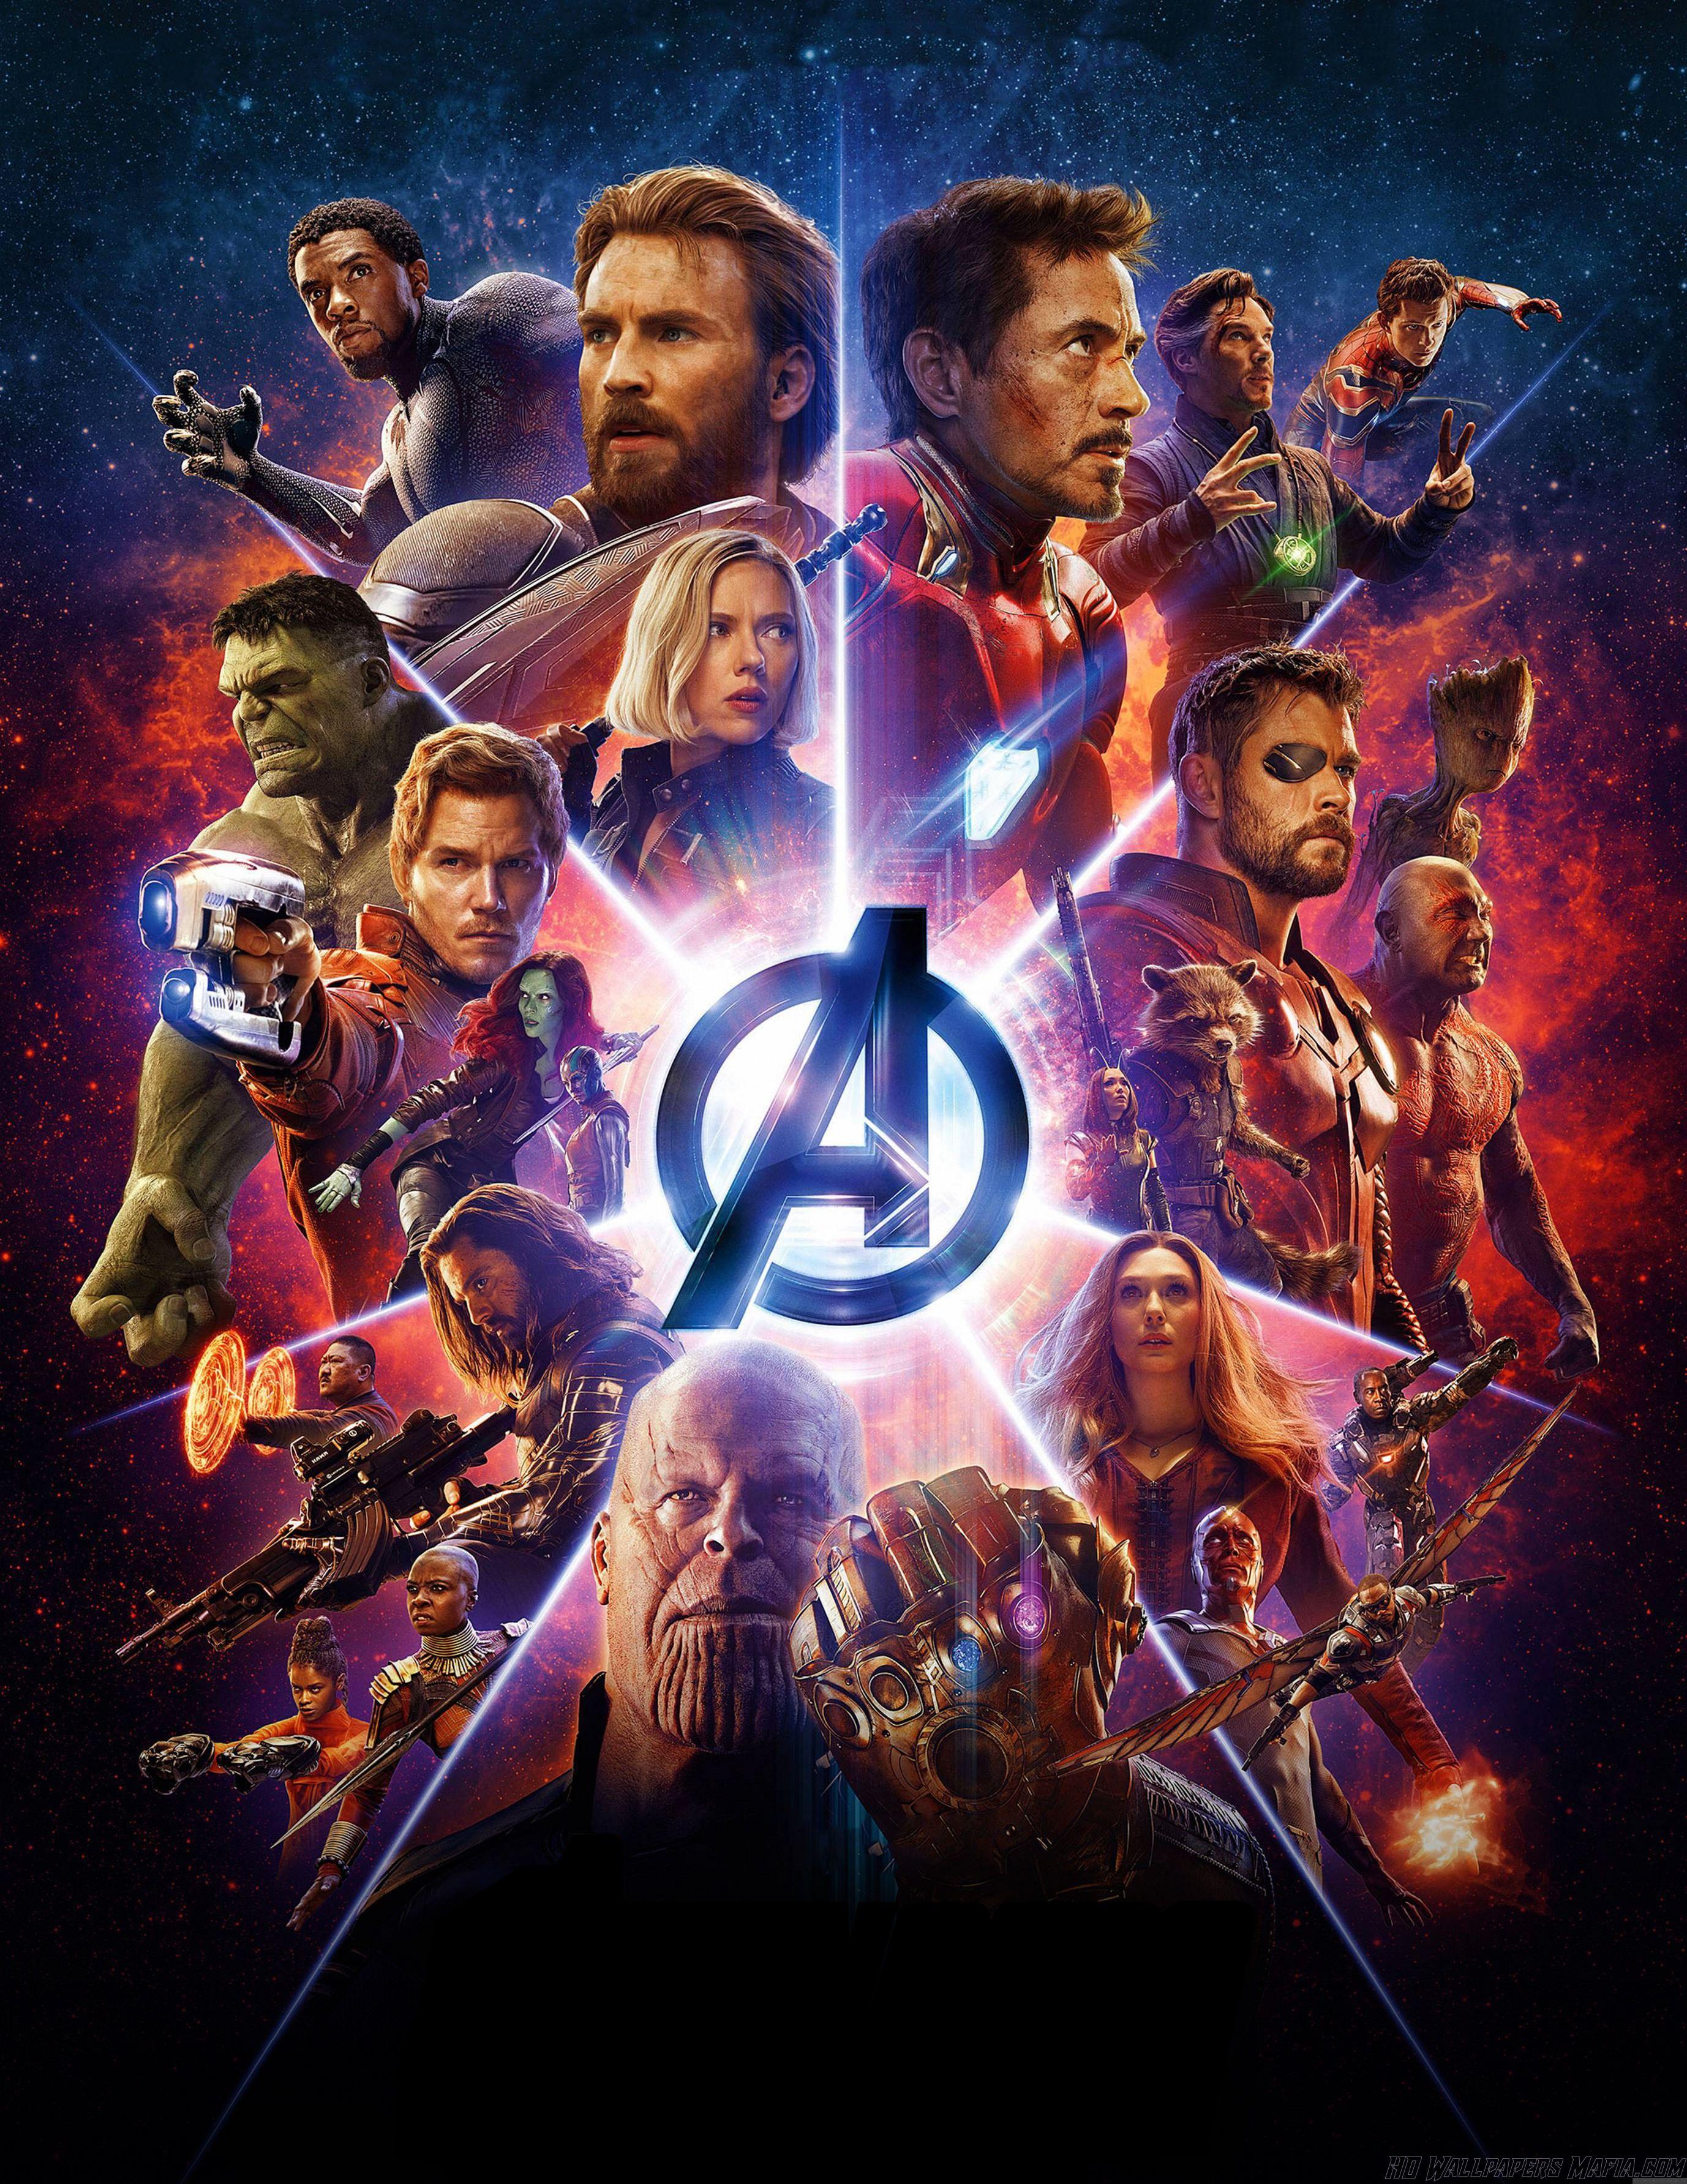 Avengers Infinity War Wallpaper Https Hdwallpapersmafia Com Avengers Infinity War Wallpaper 2 Avengers I Marvel Infinity War Marvel Cinematic Avengers